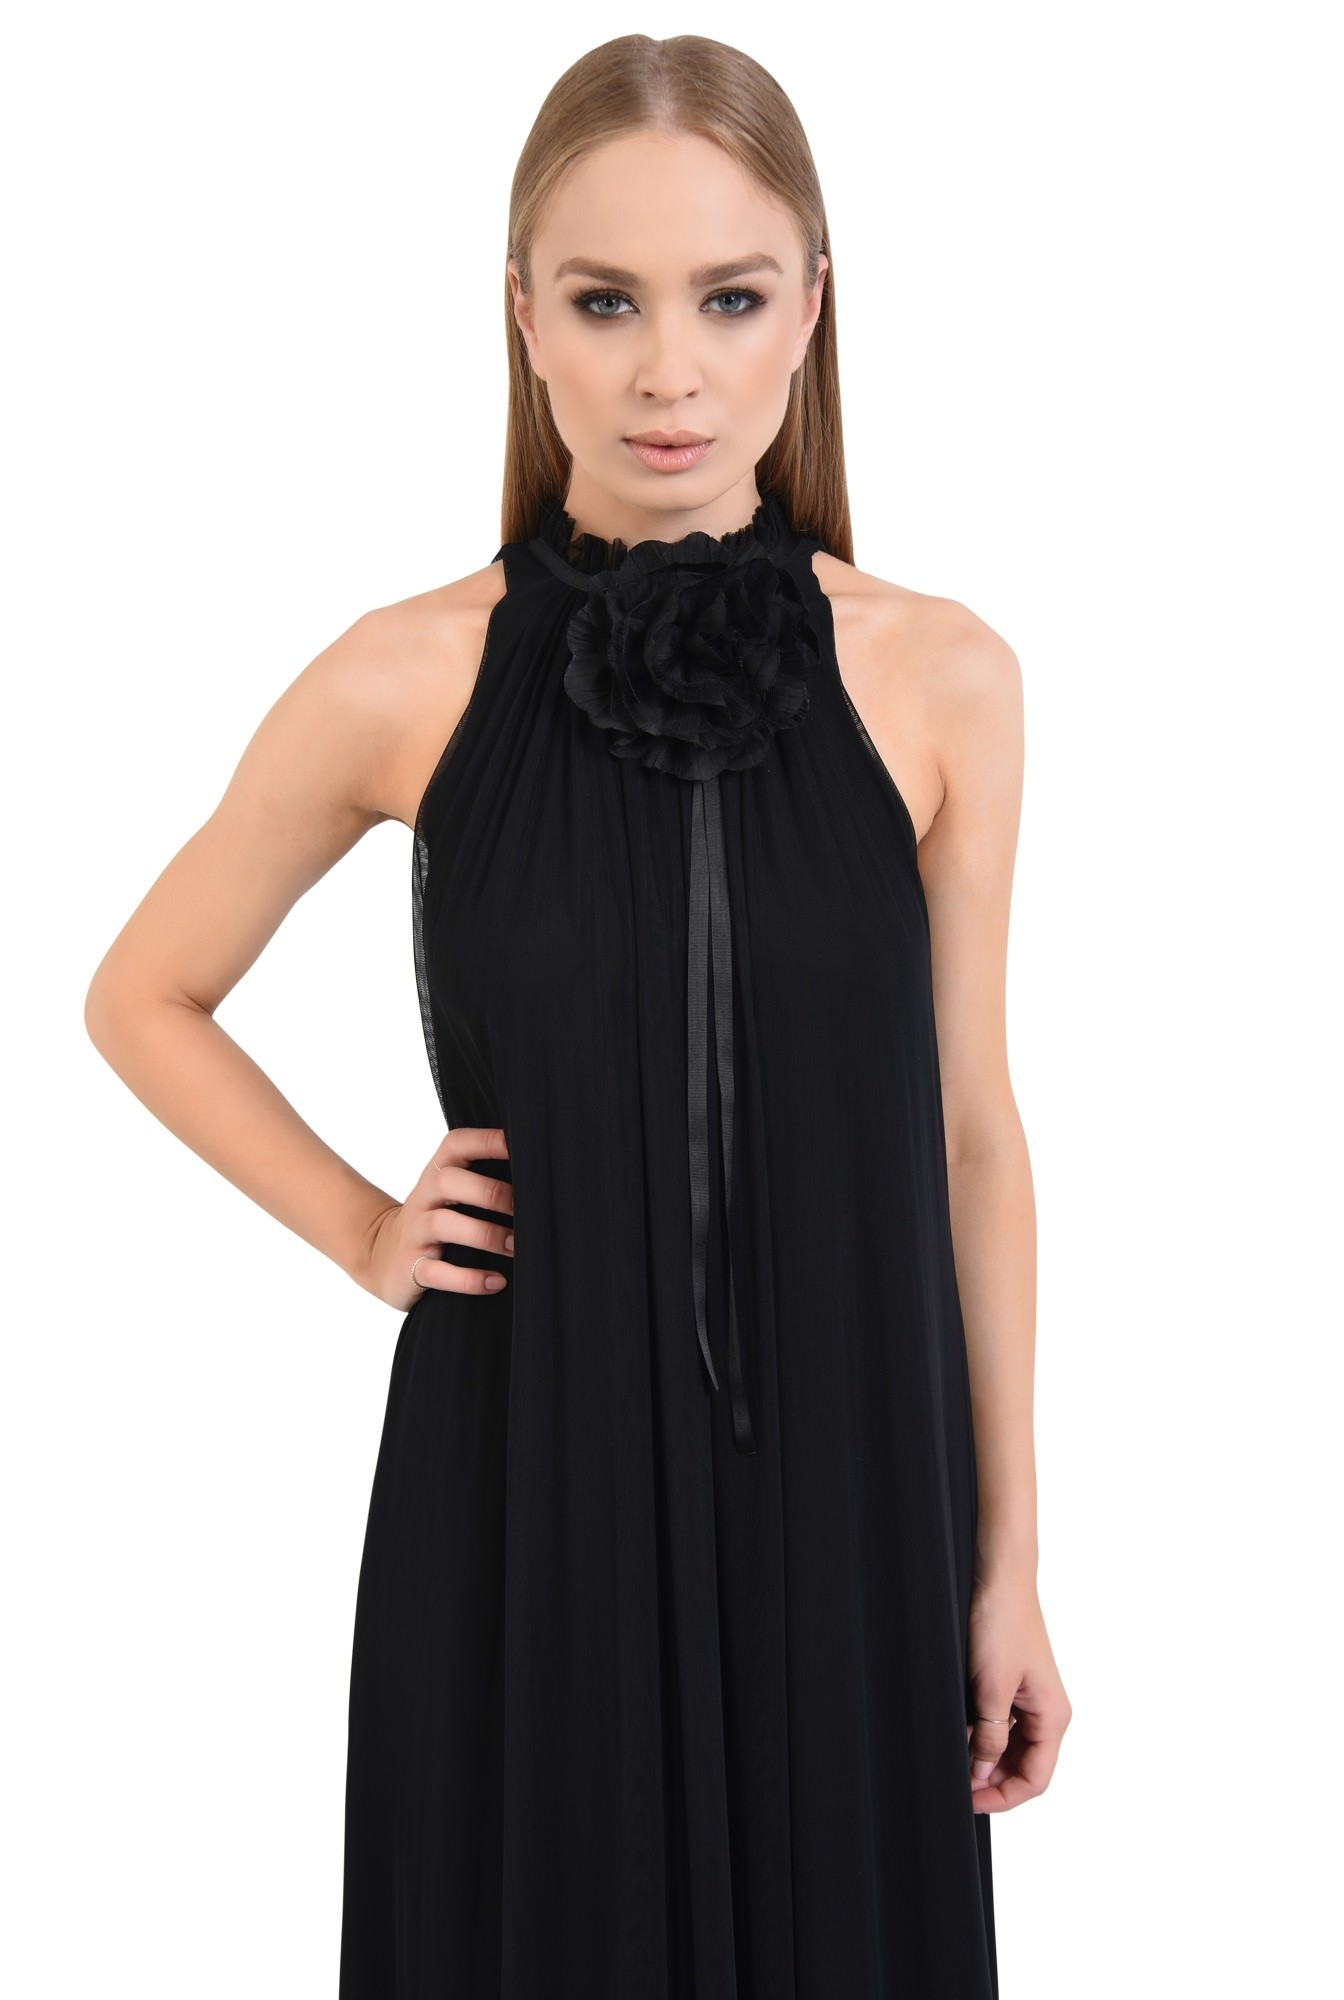 0 - rochie de ocazie, maxi, crapeu, accesoriu floral, tul, negru